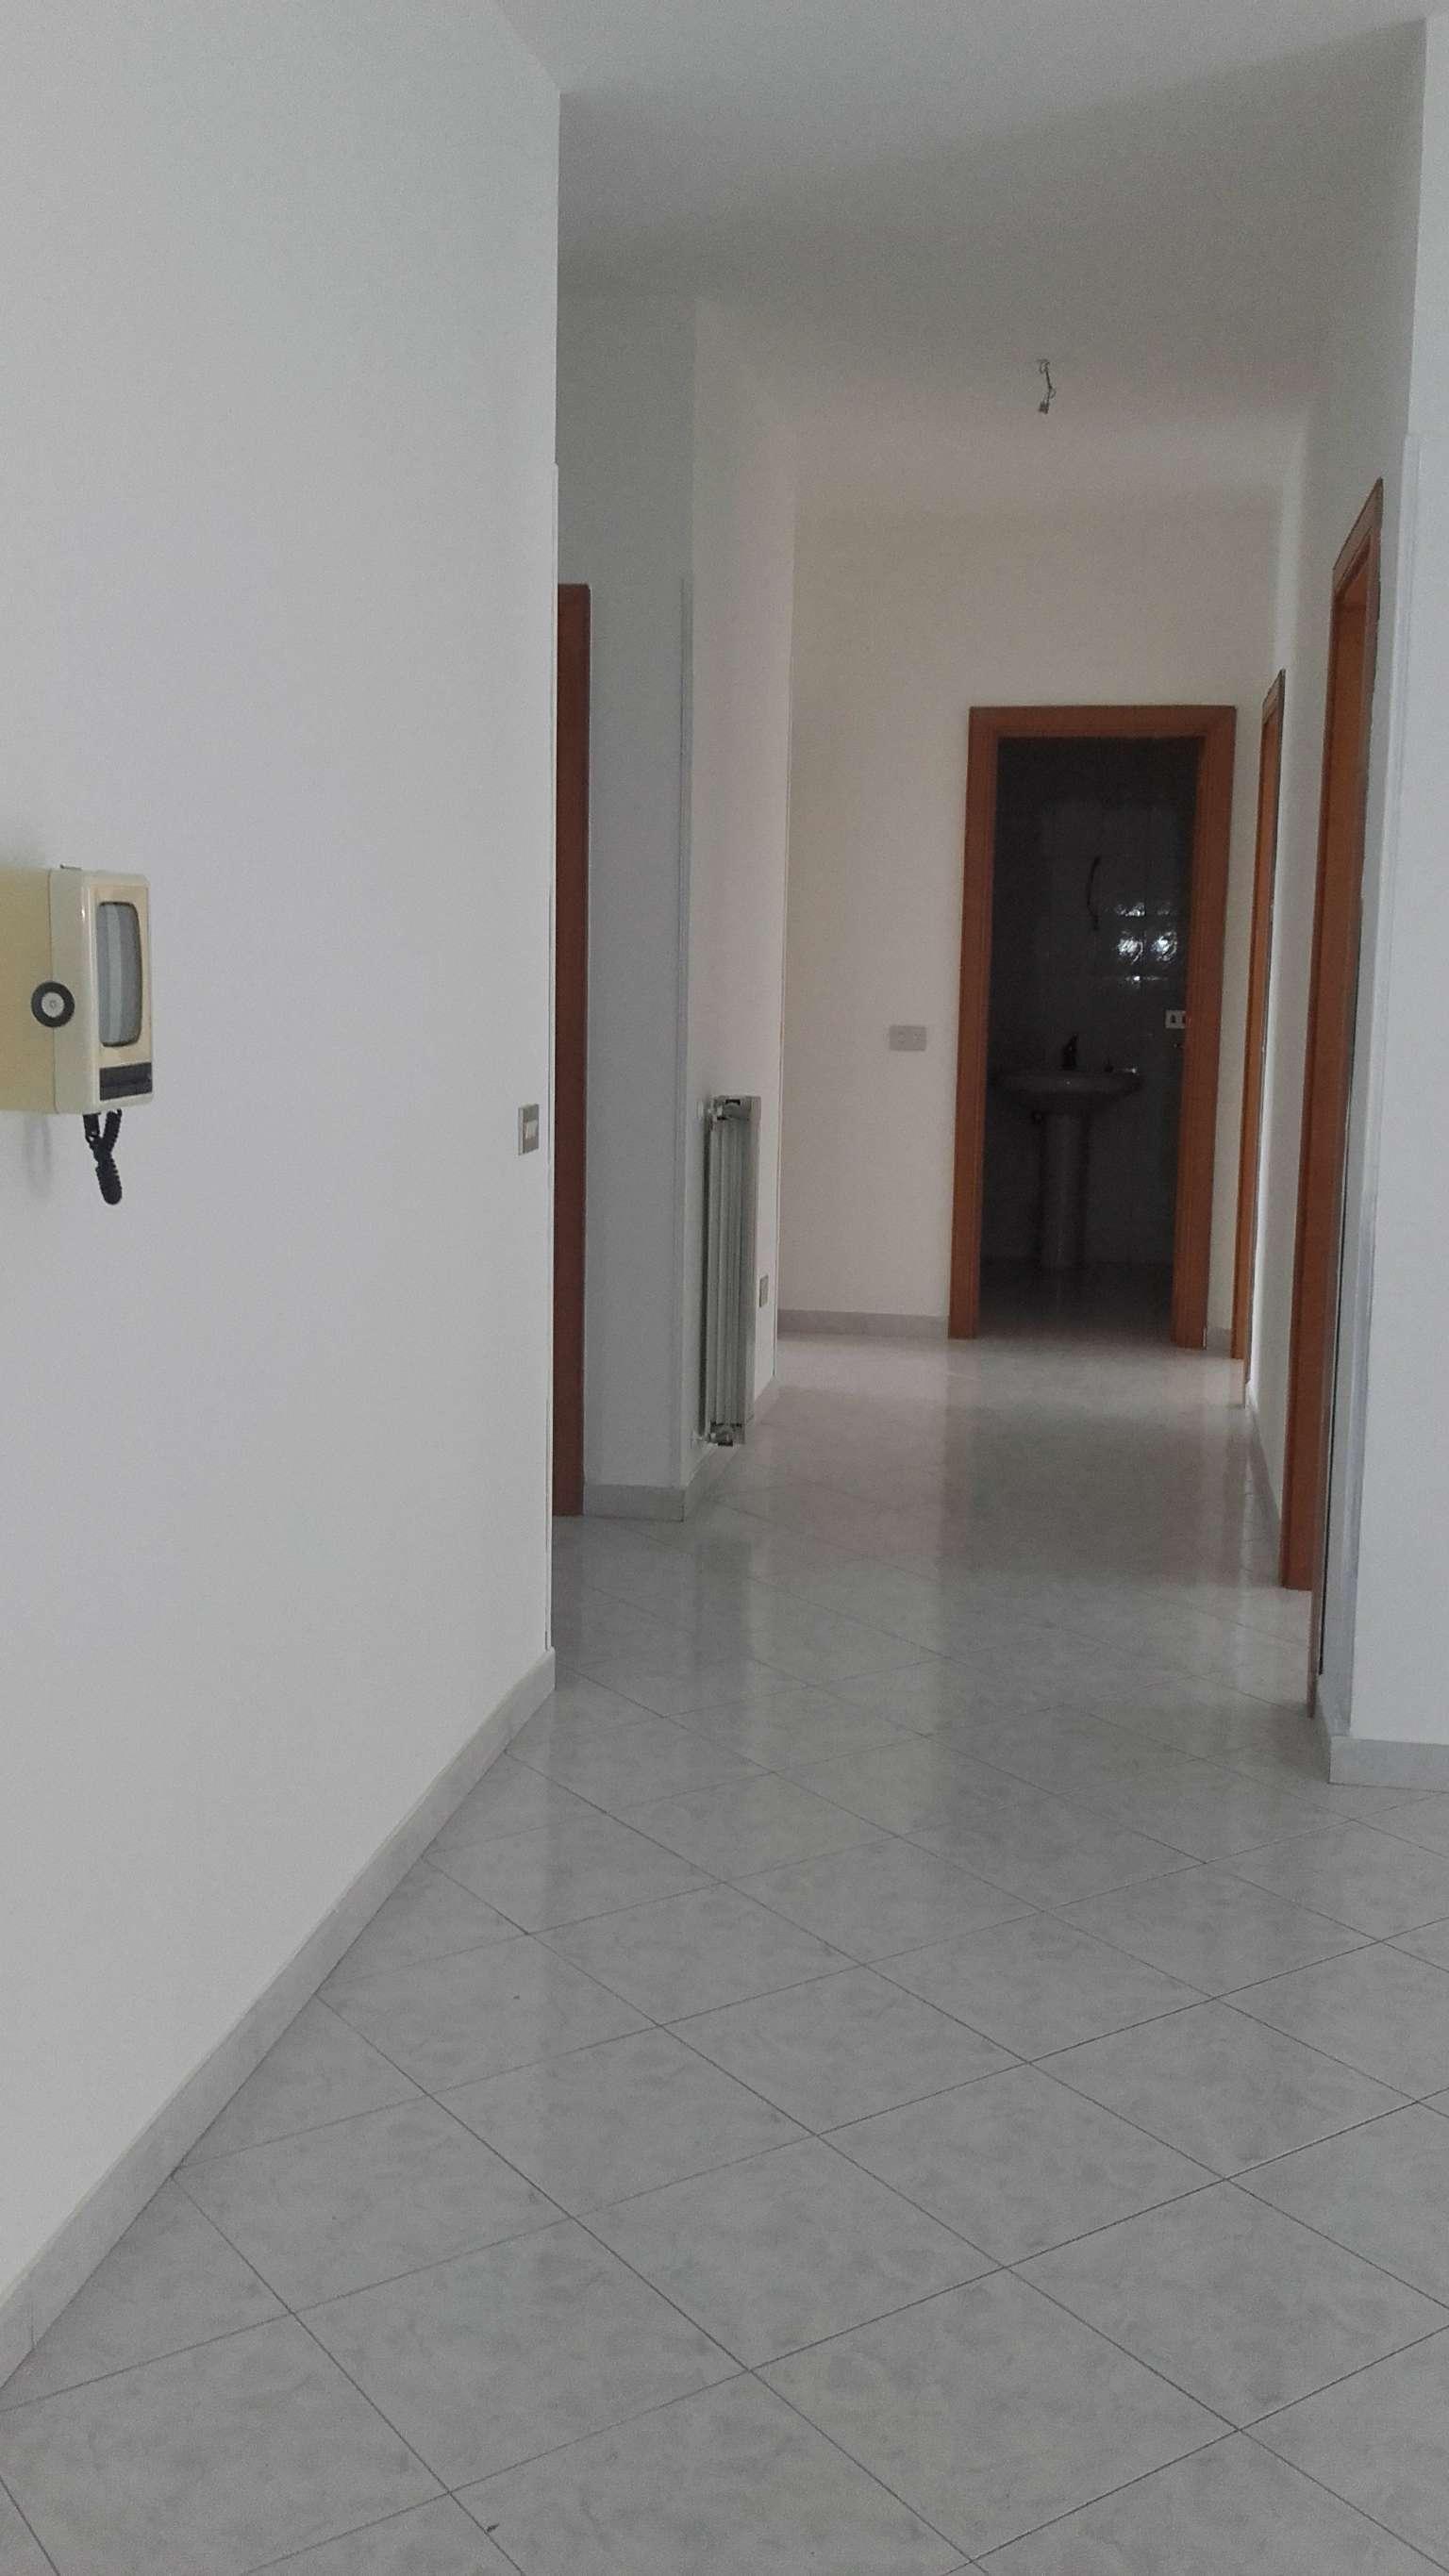 Appartamento in vendita a Marigliano, 4 locali, prezzo € 160.000   Cambio Casa.it